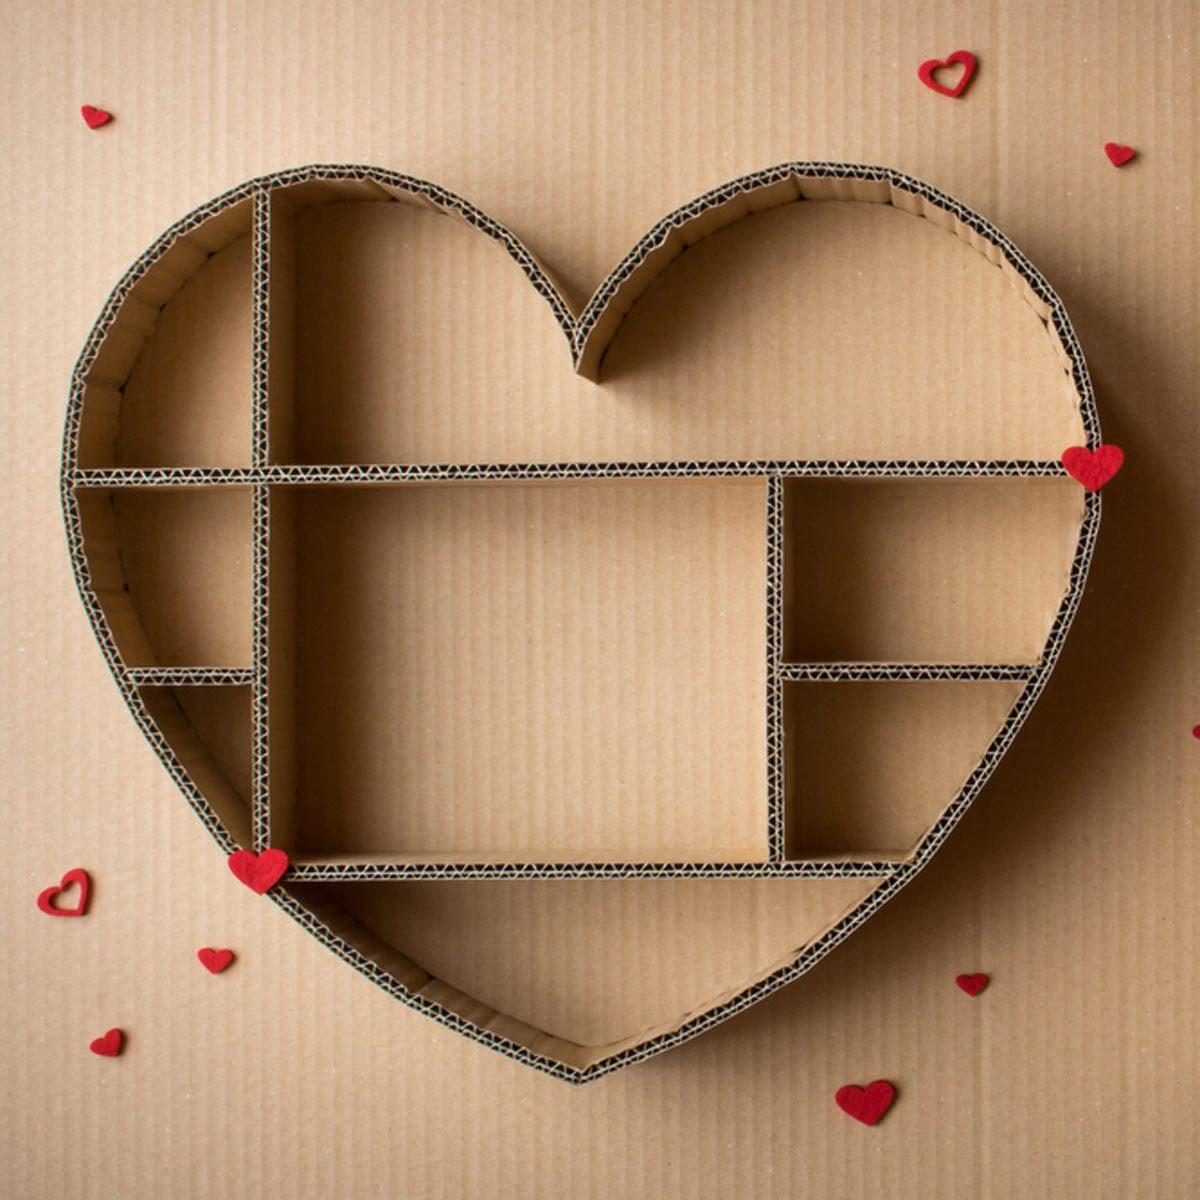 cardboard heart shadow box